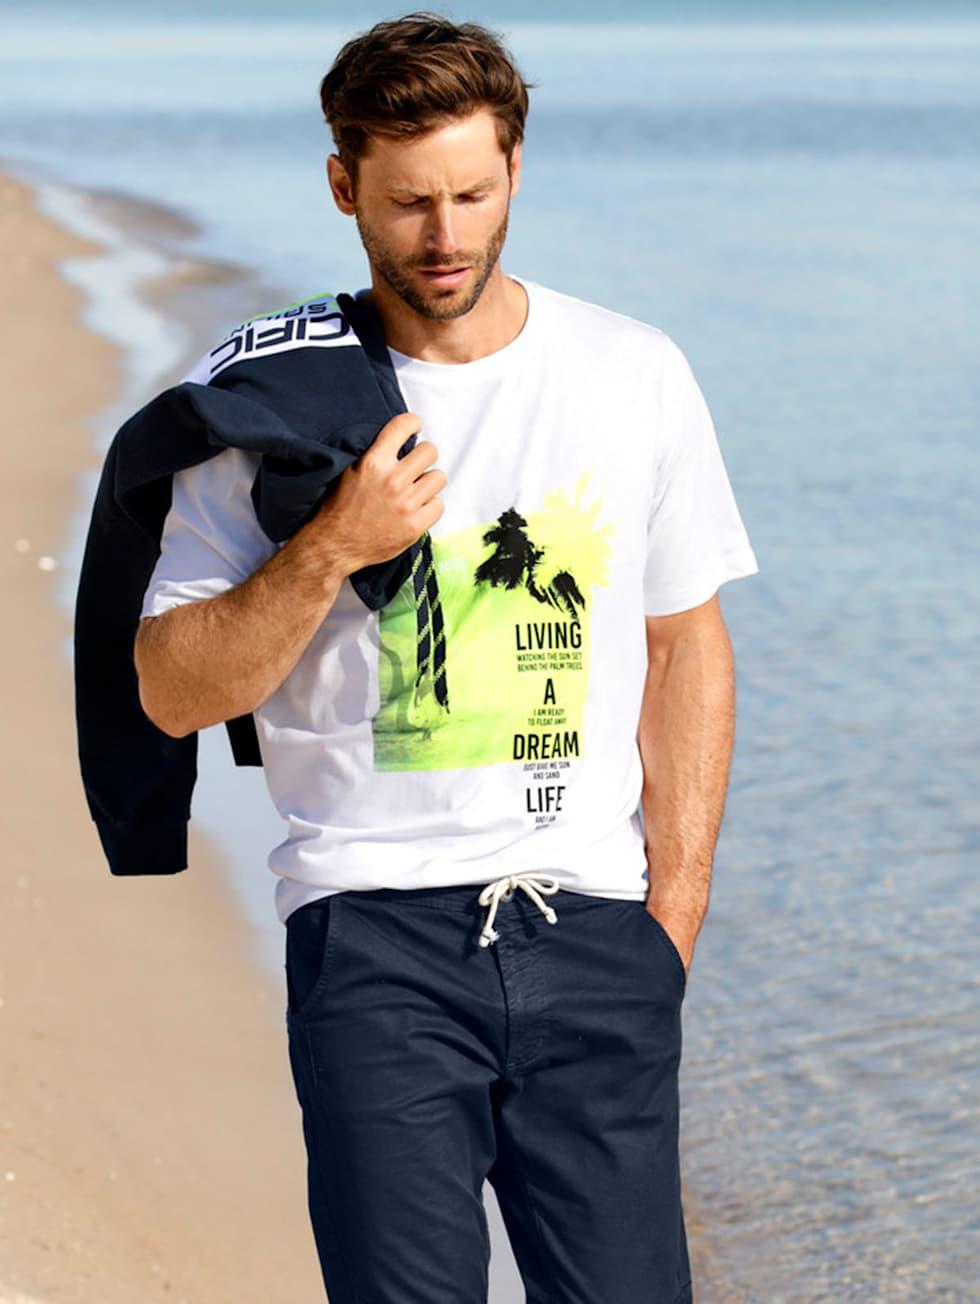 Marittimo-Outfit: Weißes T-Shirt mit Neon-Details und Hose in dunkelblau